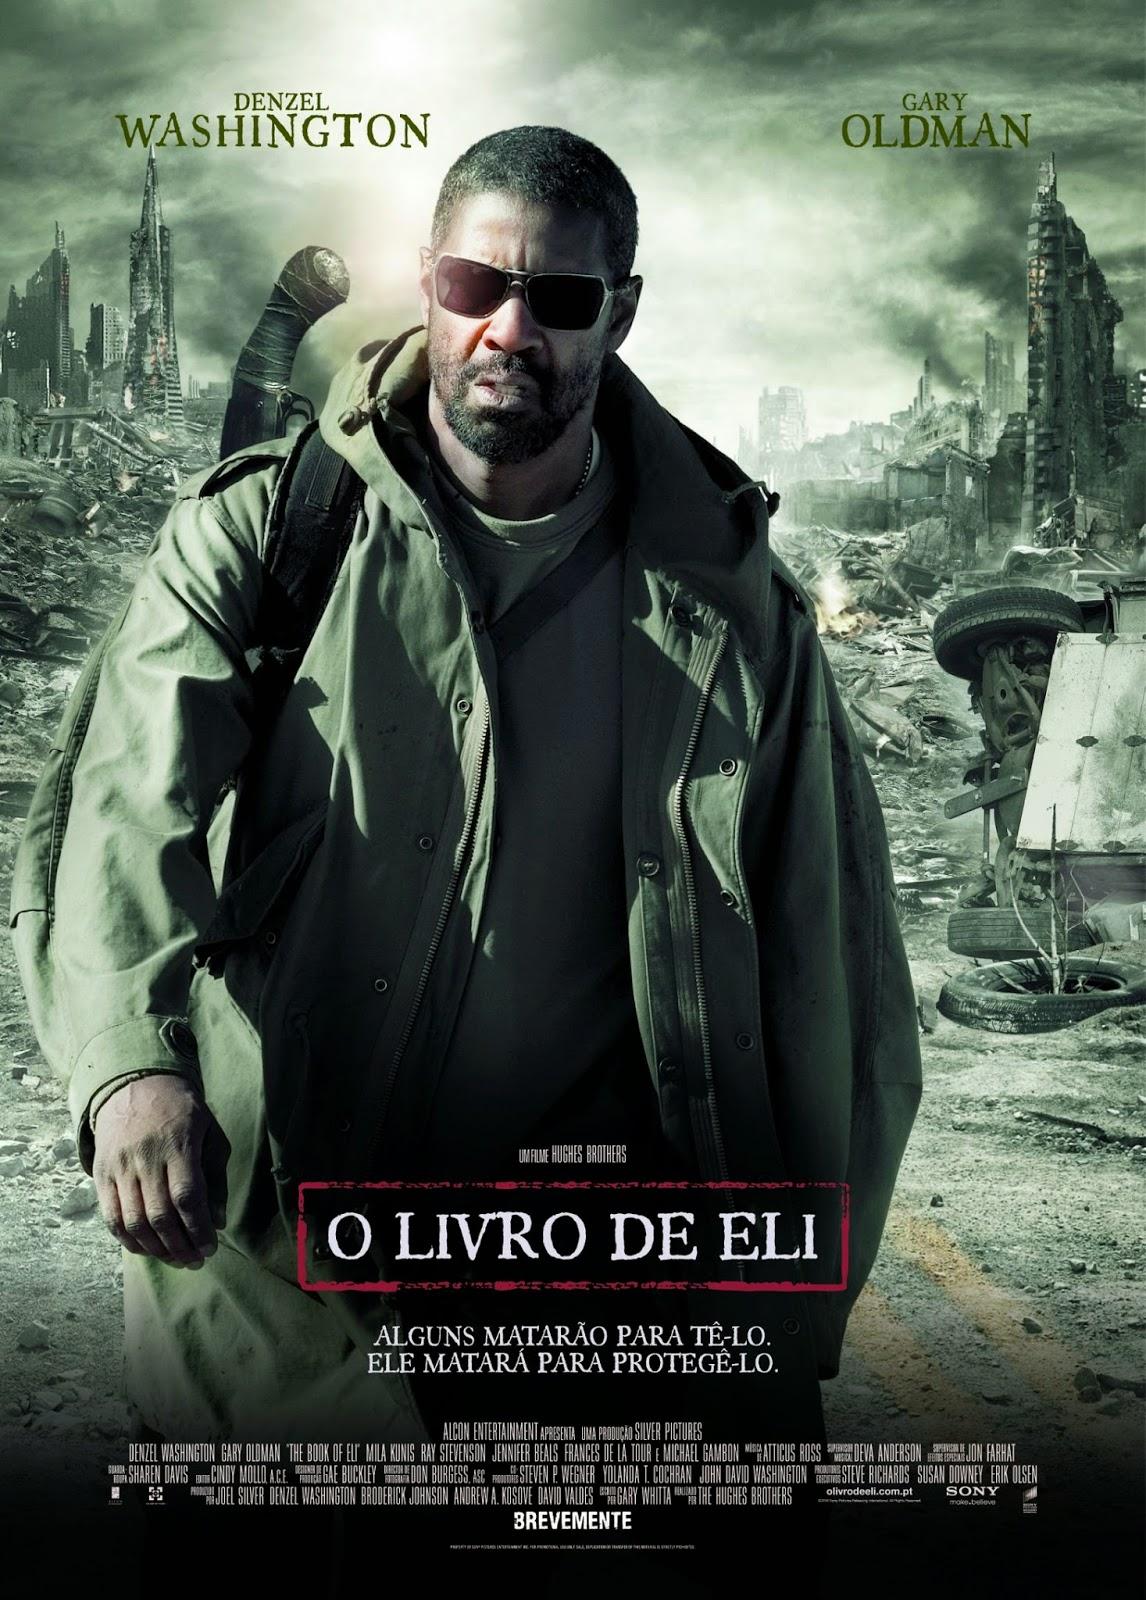 Download O Livro de Eli - Dublado